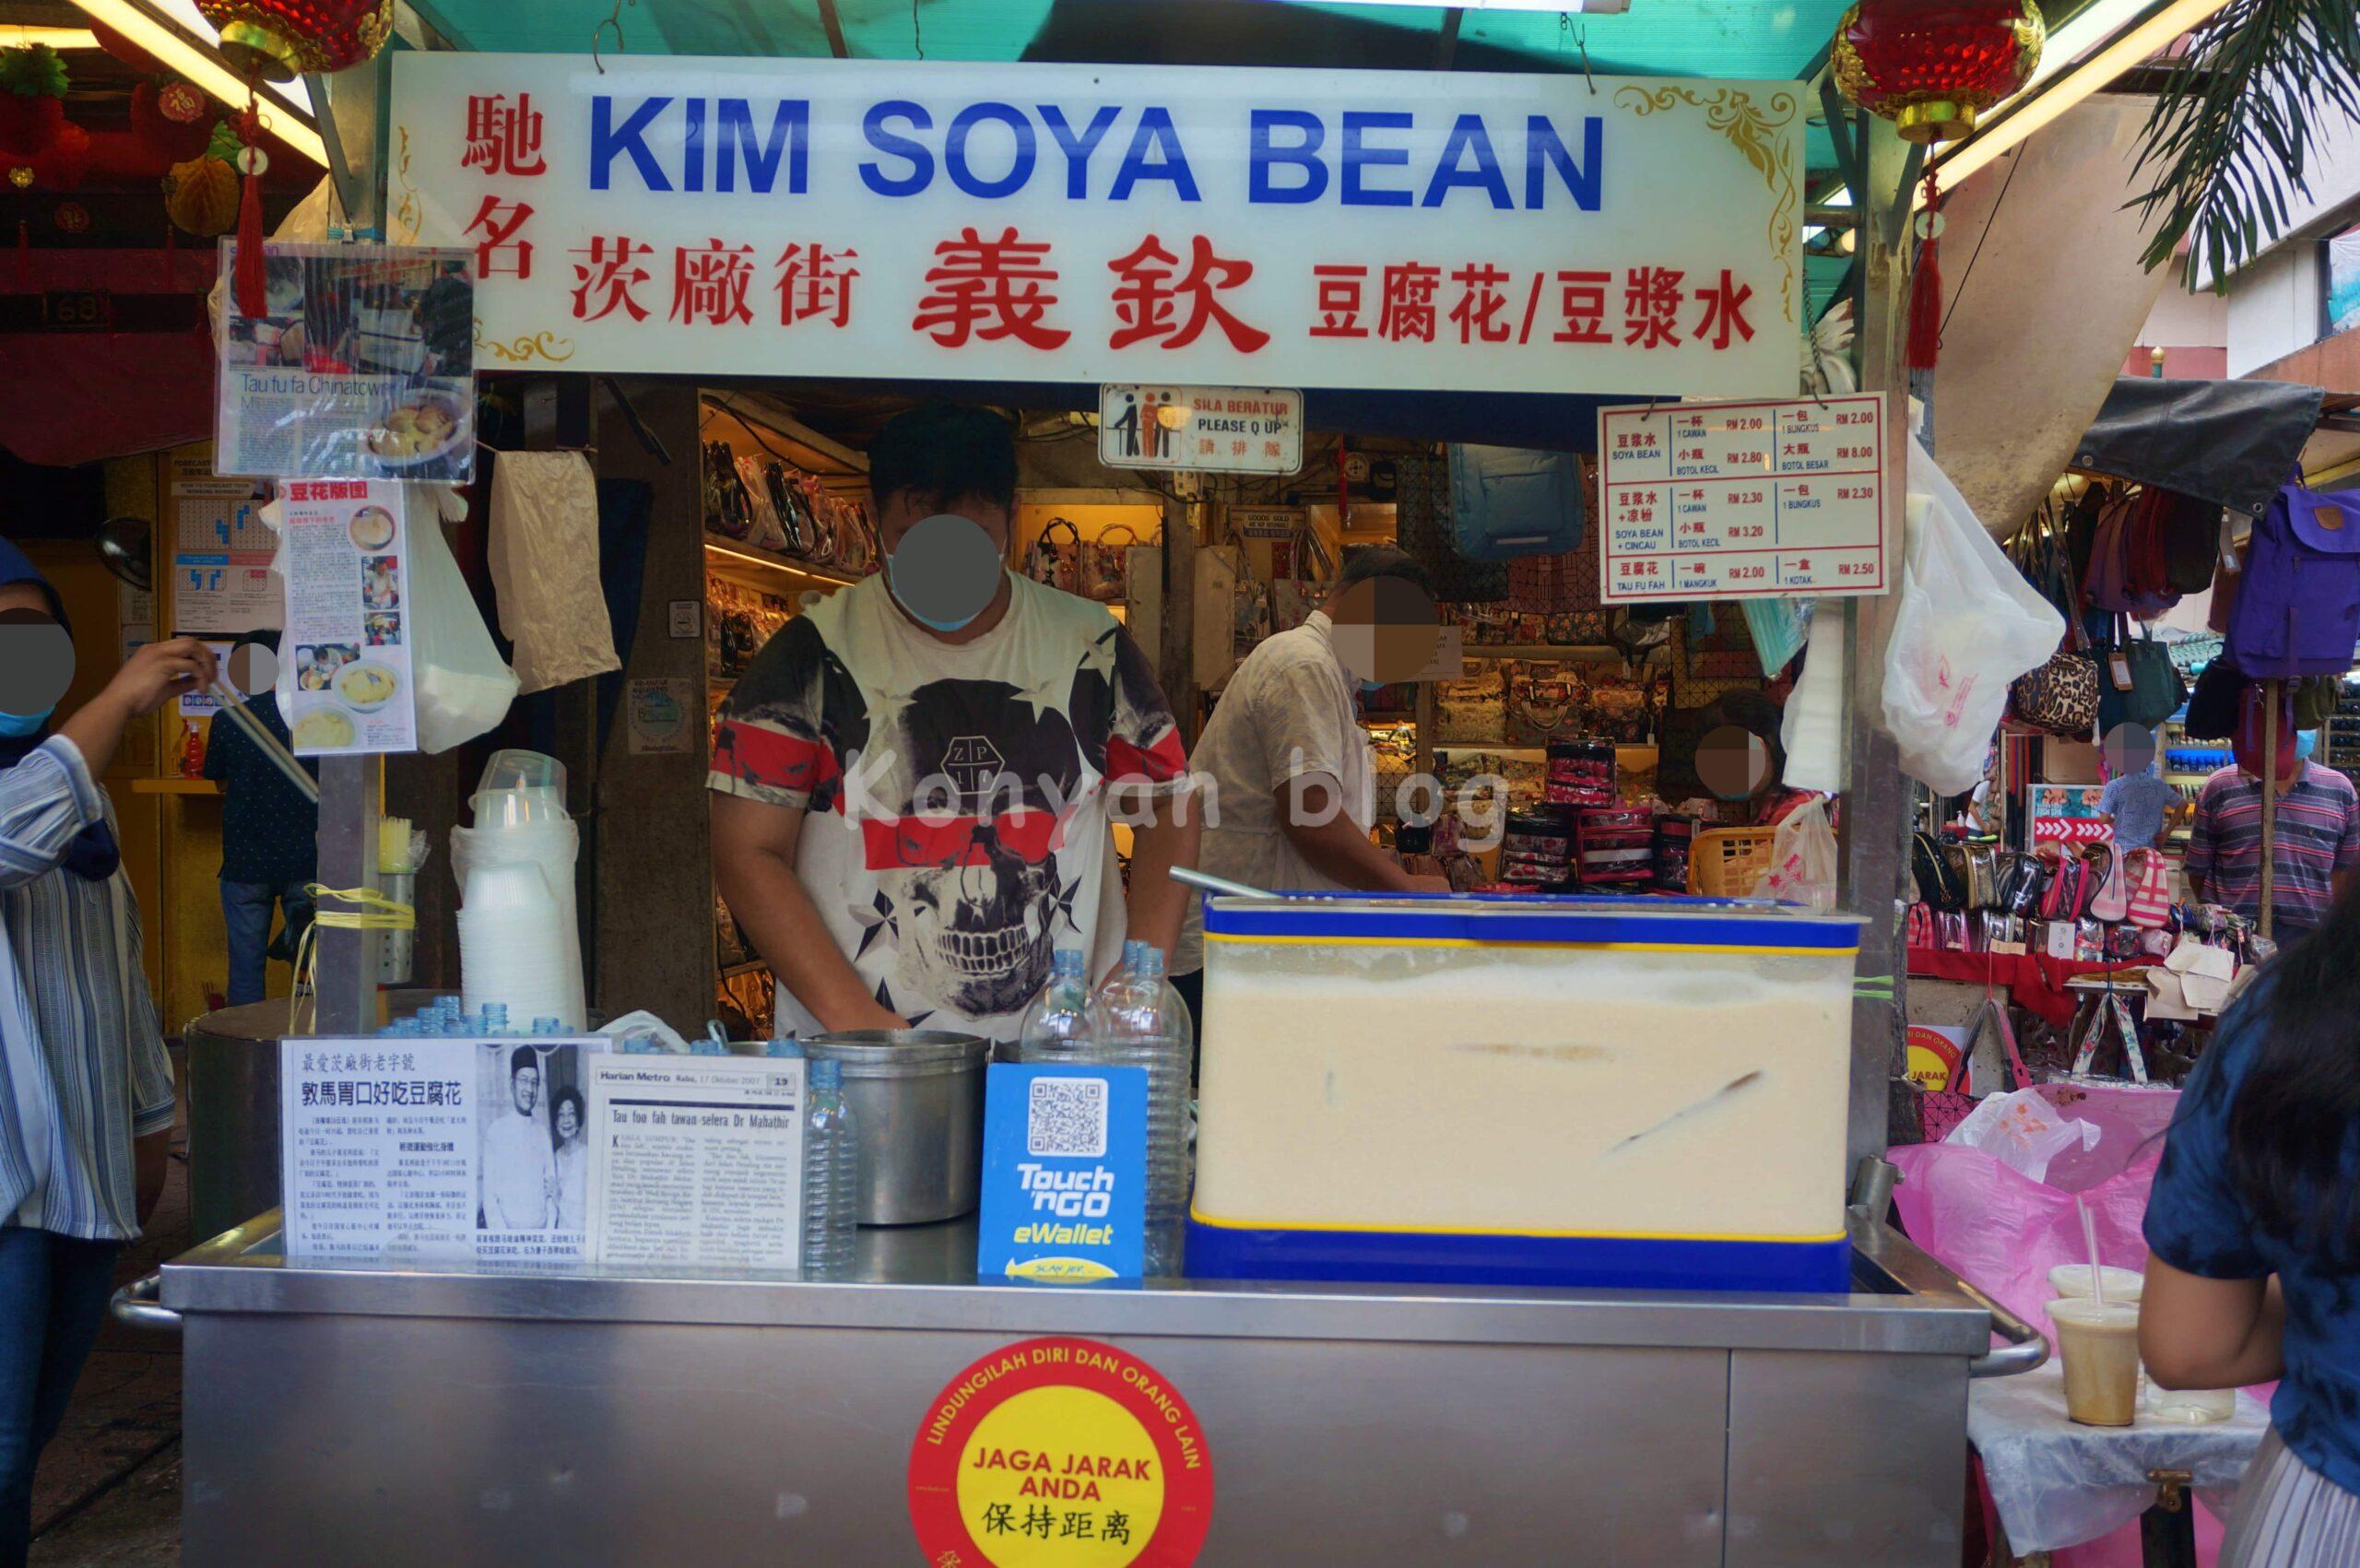 kim soya bean